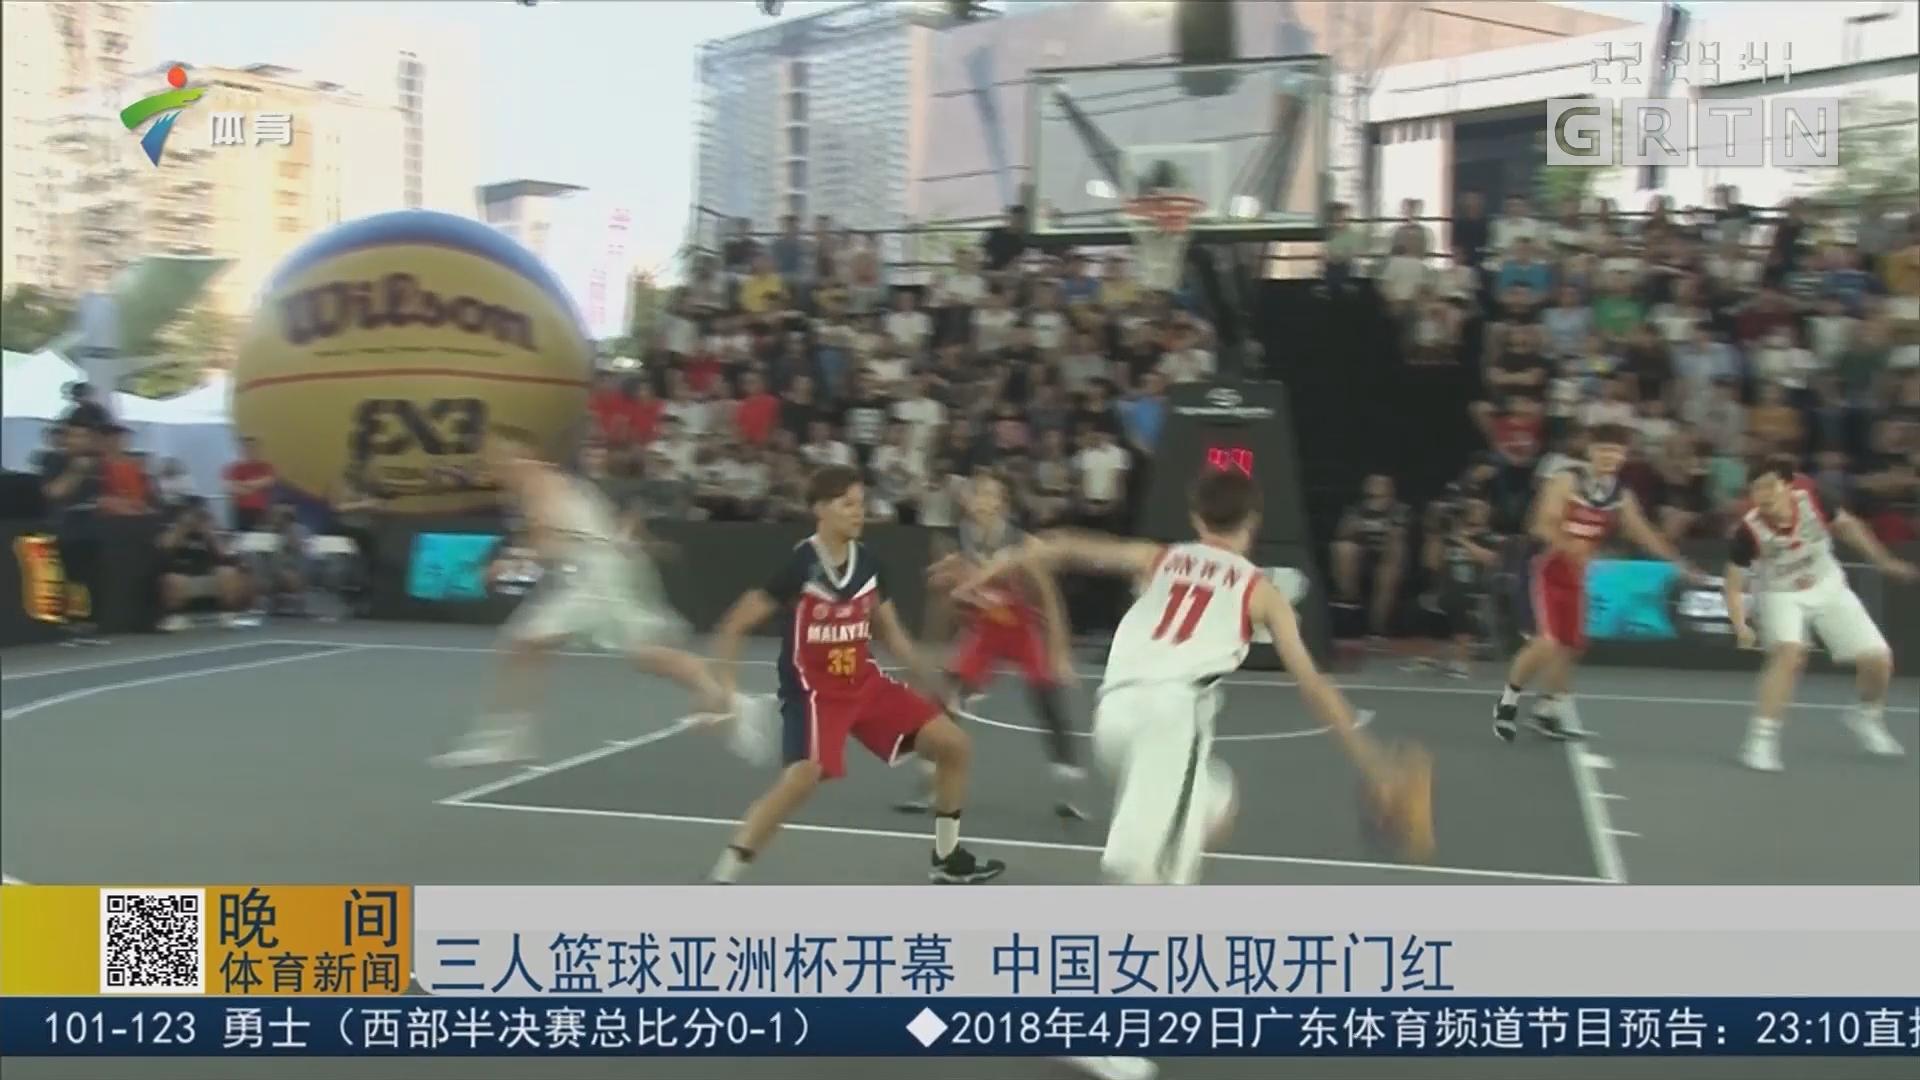 三人篮球亚洲杯开幕 中国女队取开门红